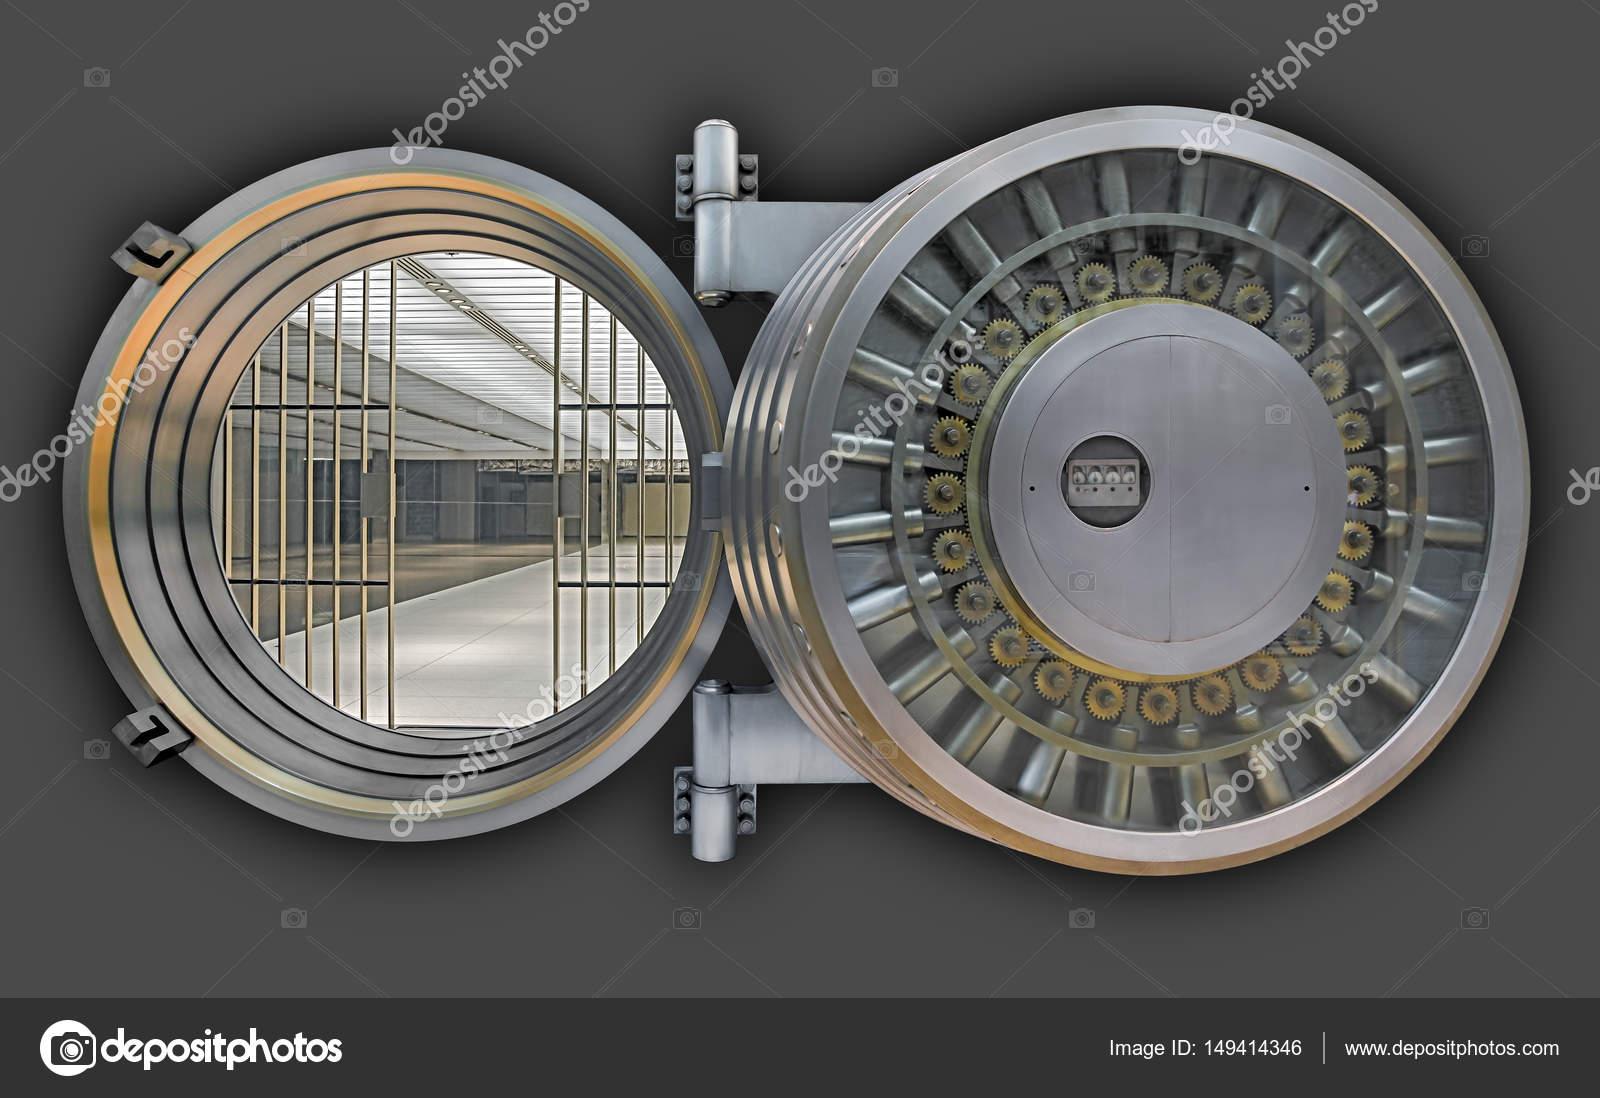 porte de chambre forte de banque — Photographie blurAZ1 © #149414346